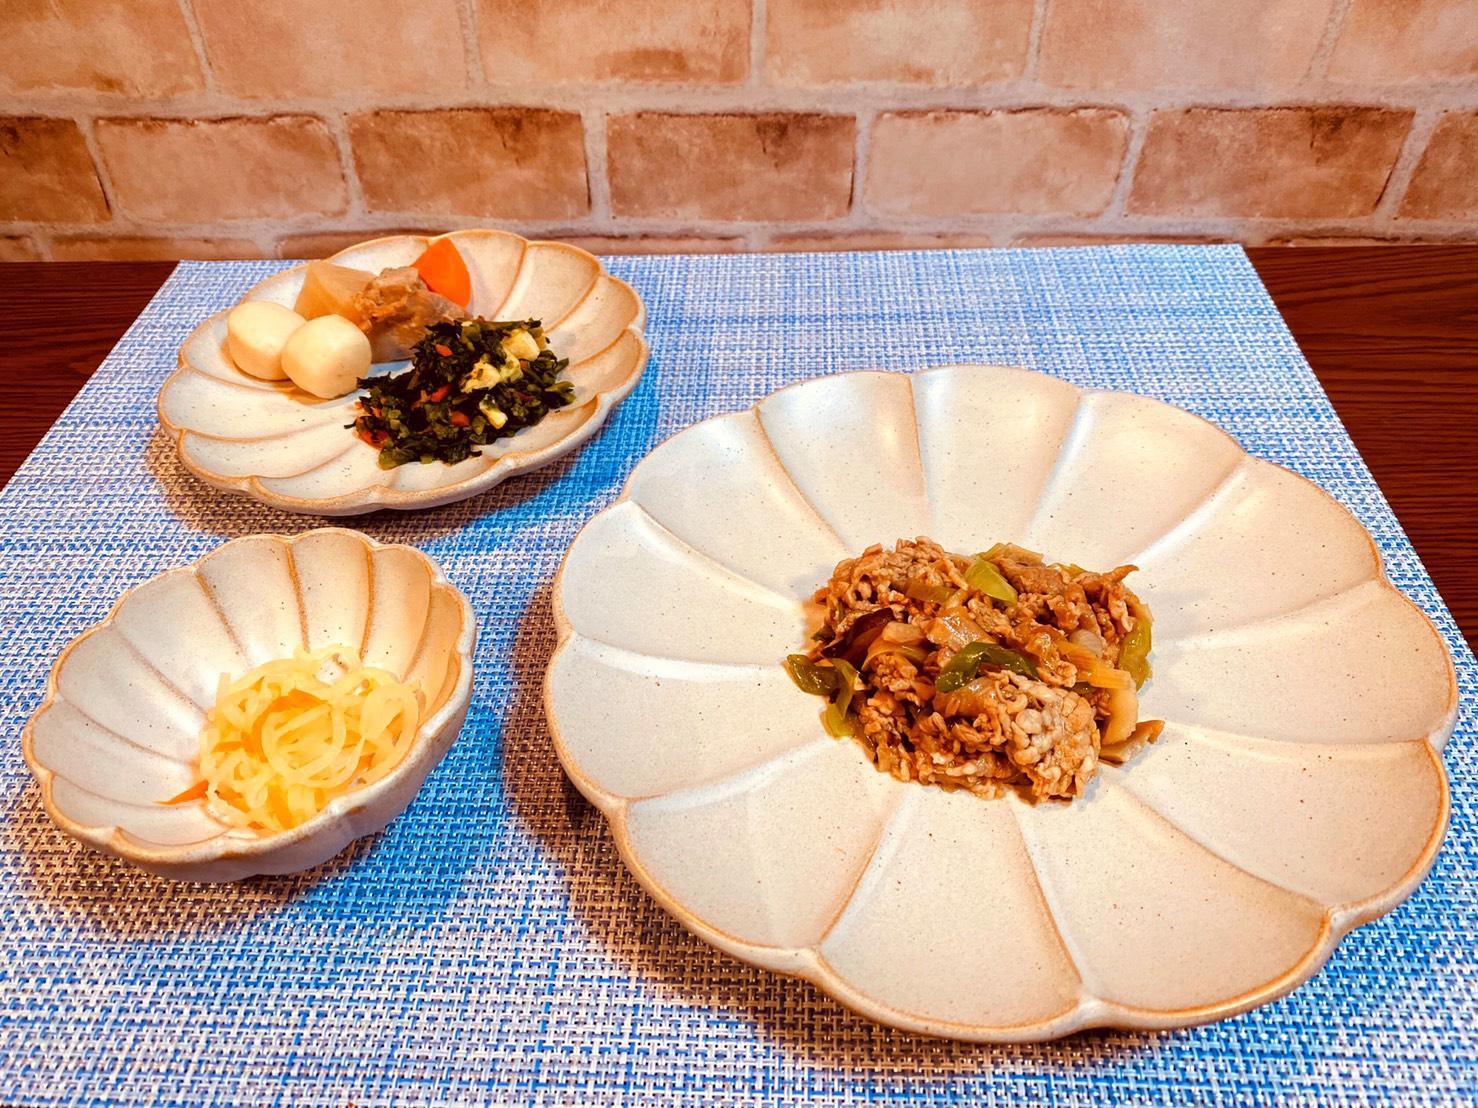 (メニューの一例)牛肉とねぎの甘辛炒め、鶏肉と里芋の煮物、菜の花と油揚げの和え物、大根と人参の和え物